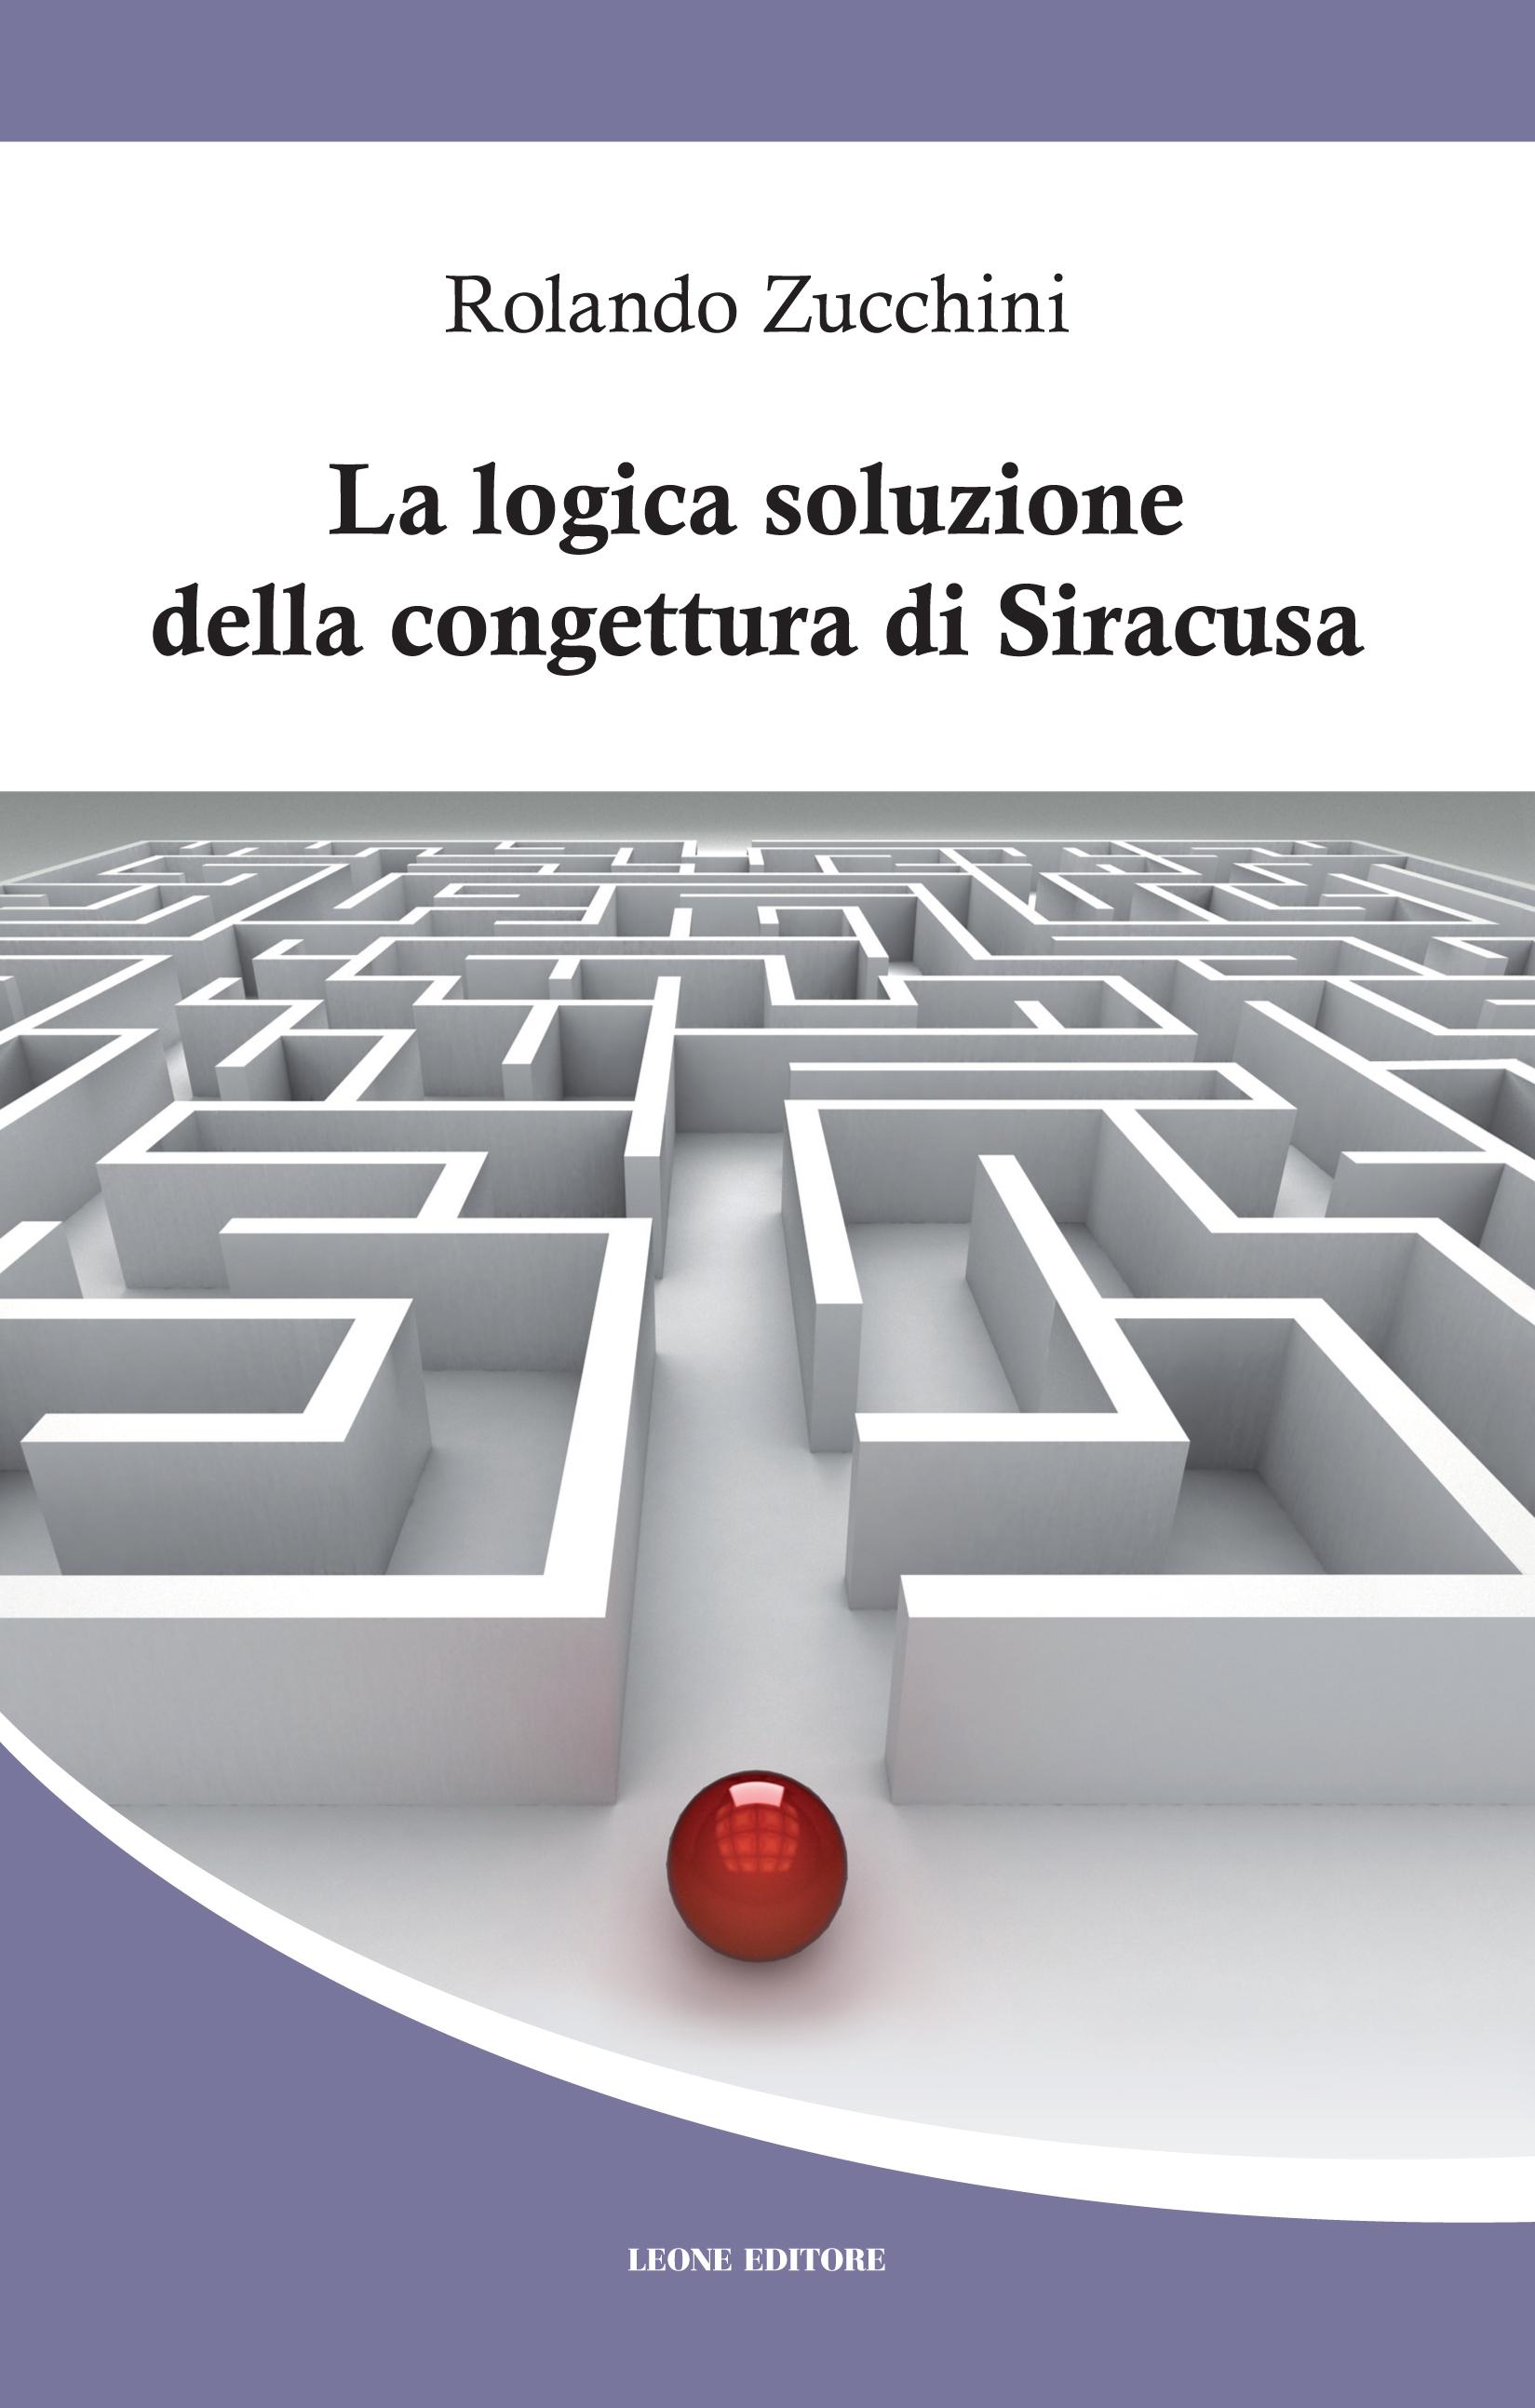 La logica soluzione della congettura di Siracusa